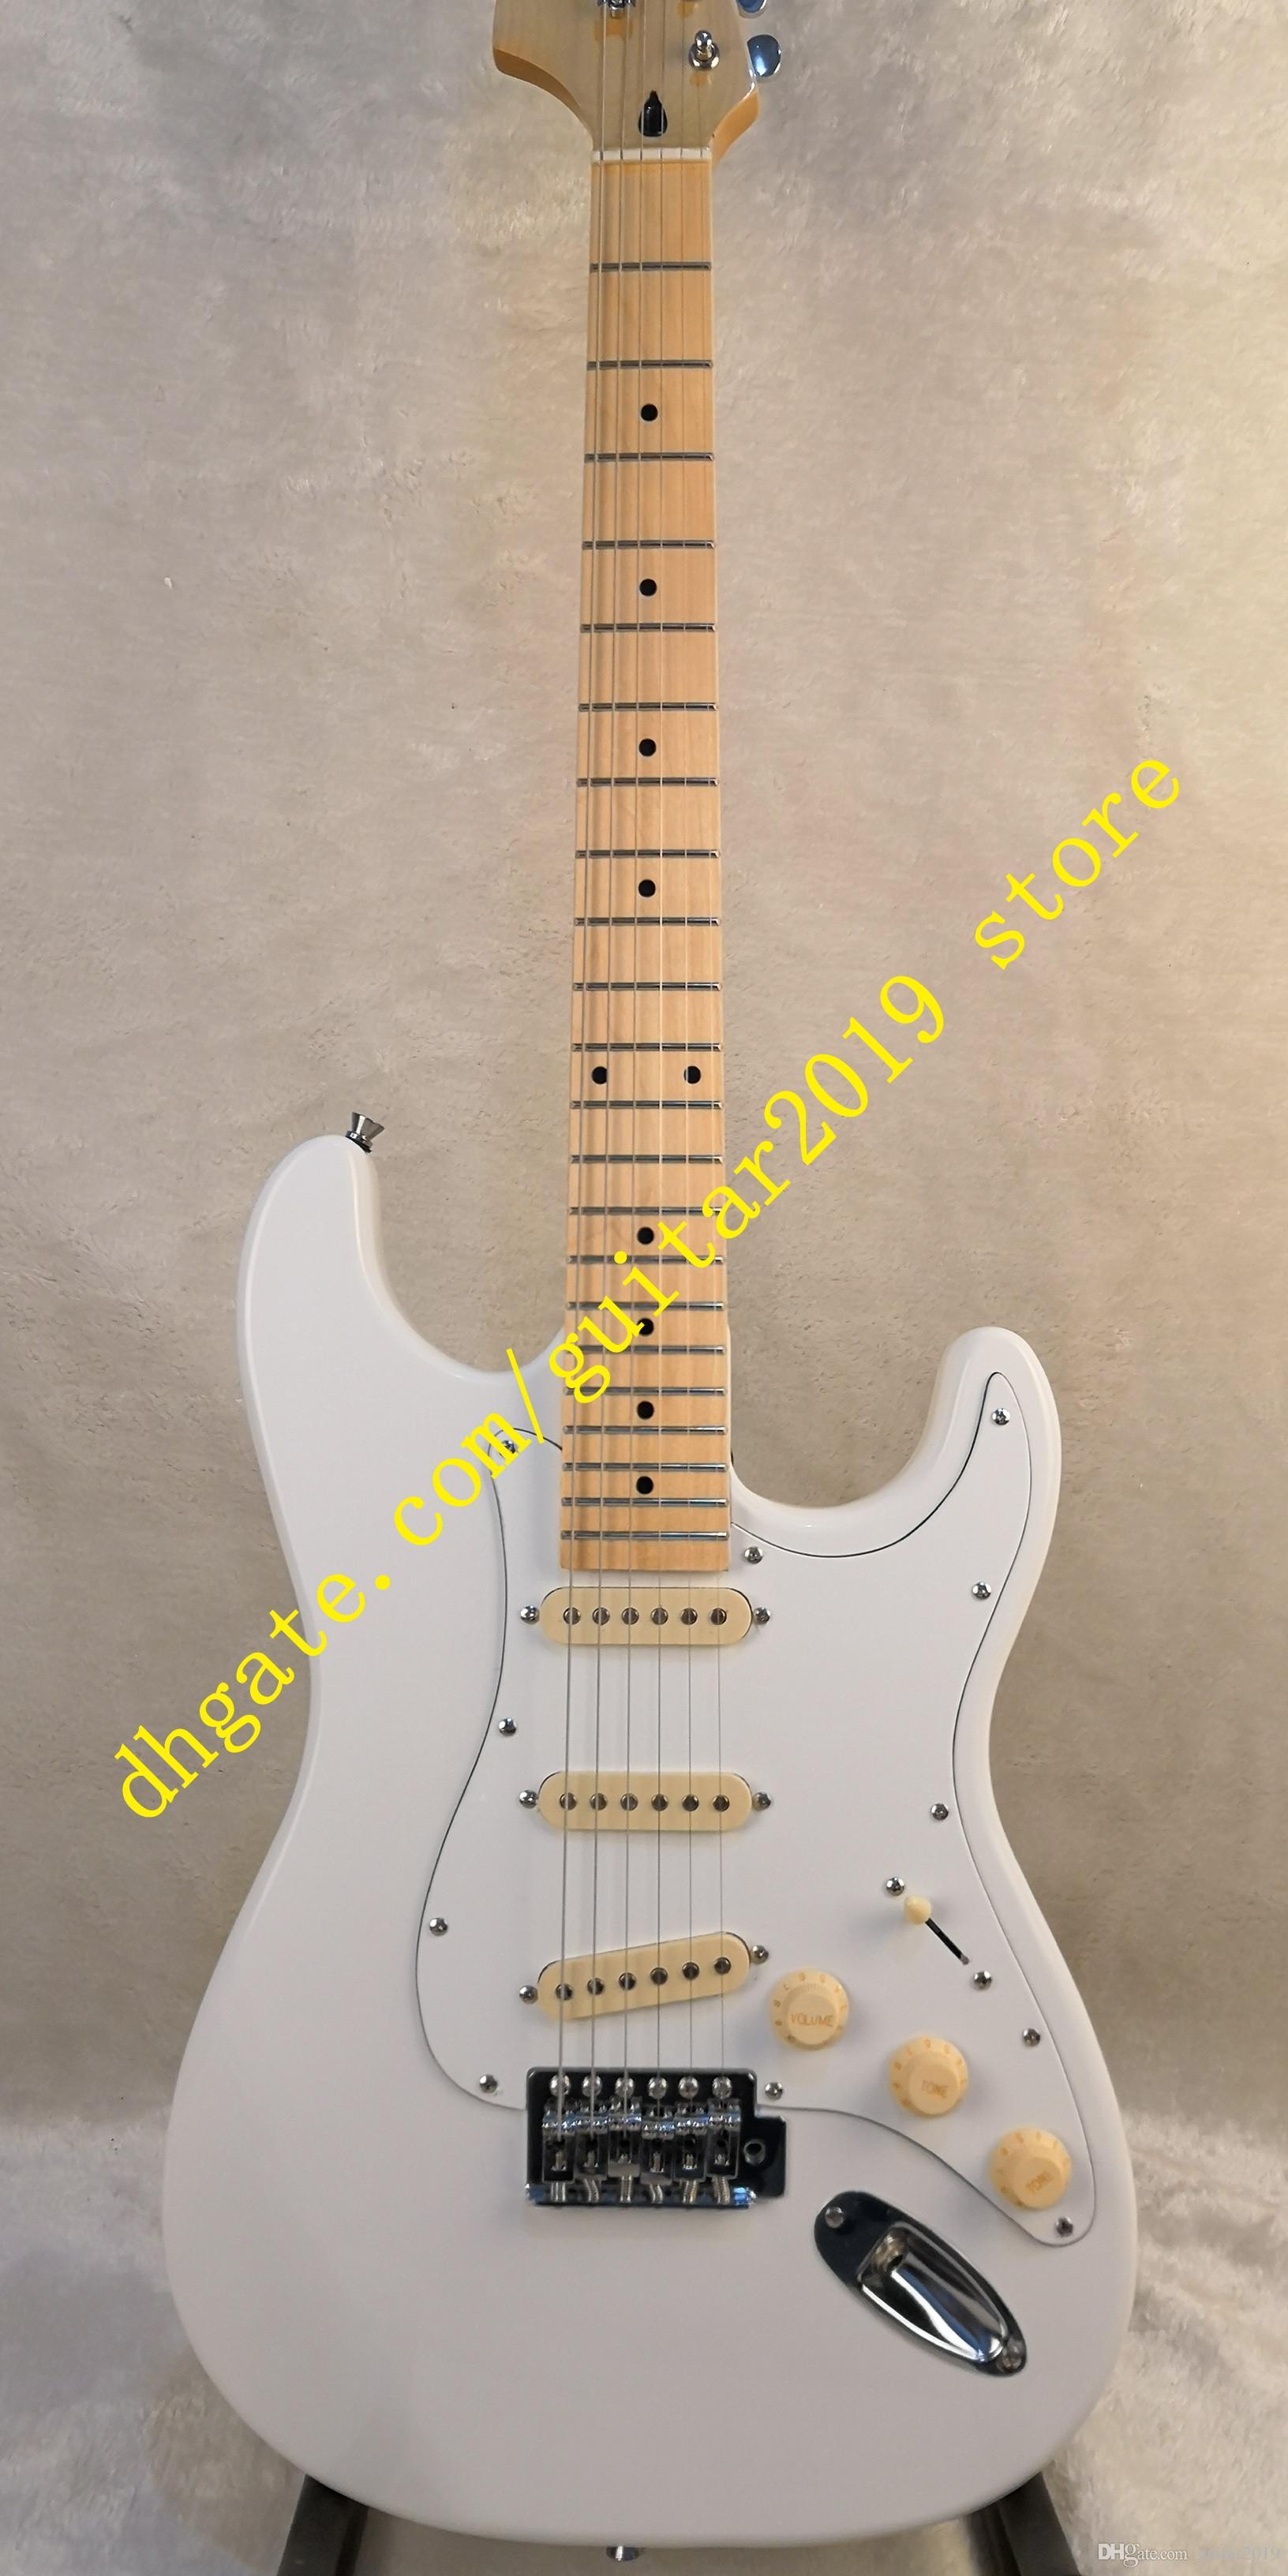 Série Deluxe fingerboard Maple e corpo de basswood com maple pescoço cabeça grande em reversa Guitarra Elétrica frete grátis